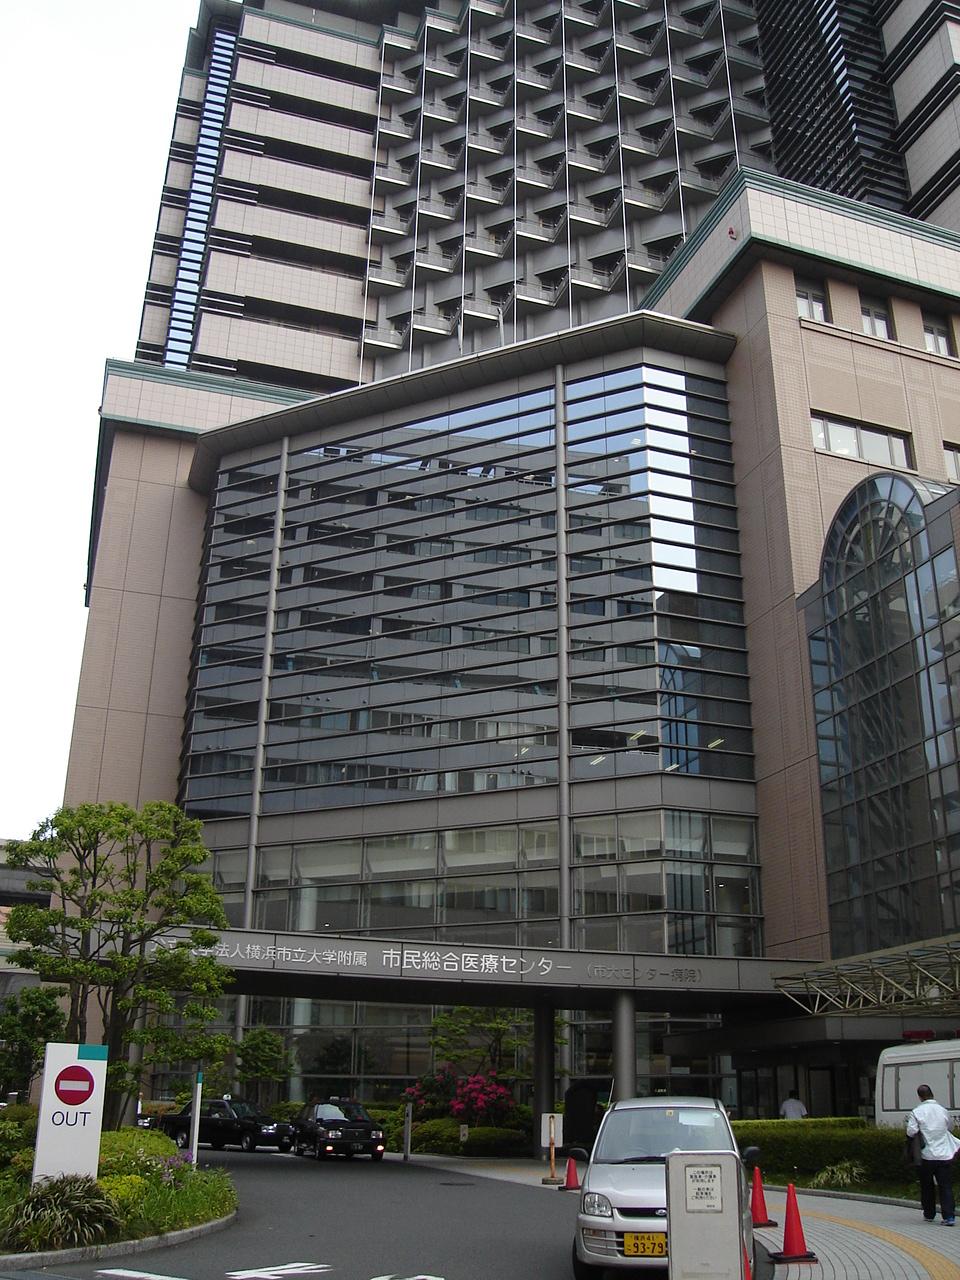 物件に向かう途中に横浜市立大学付属市民総合医療センターがあります